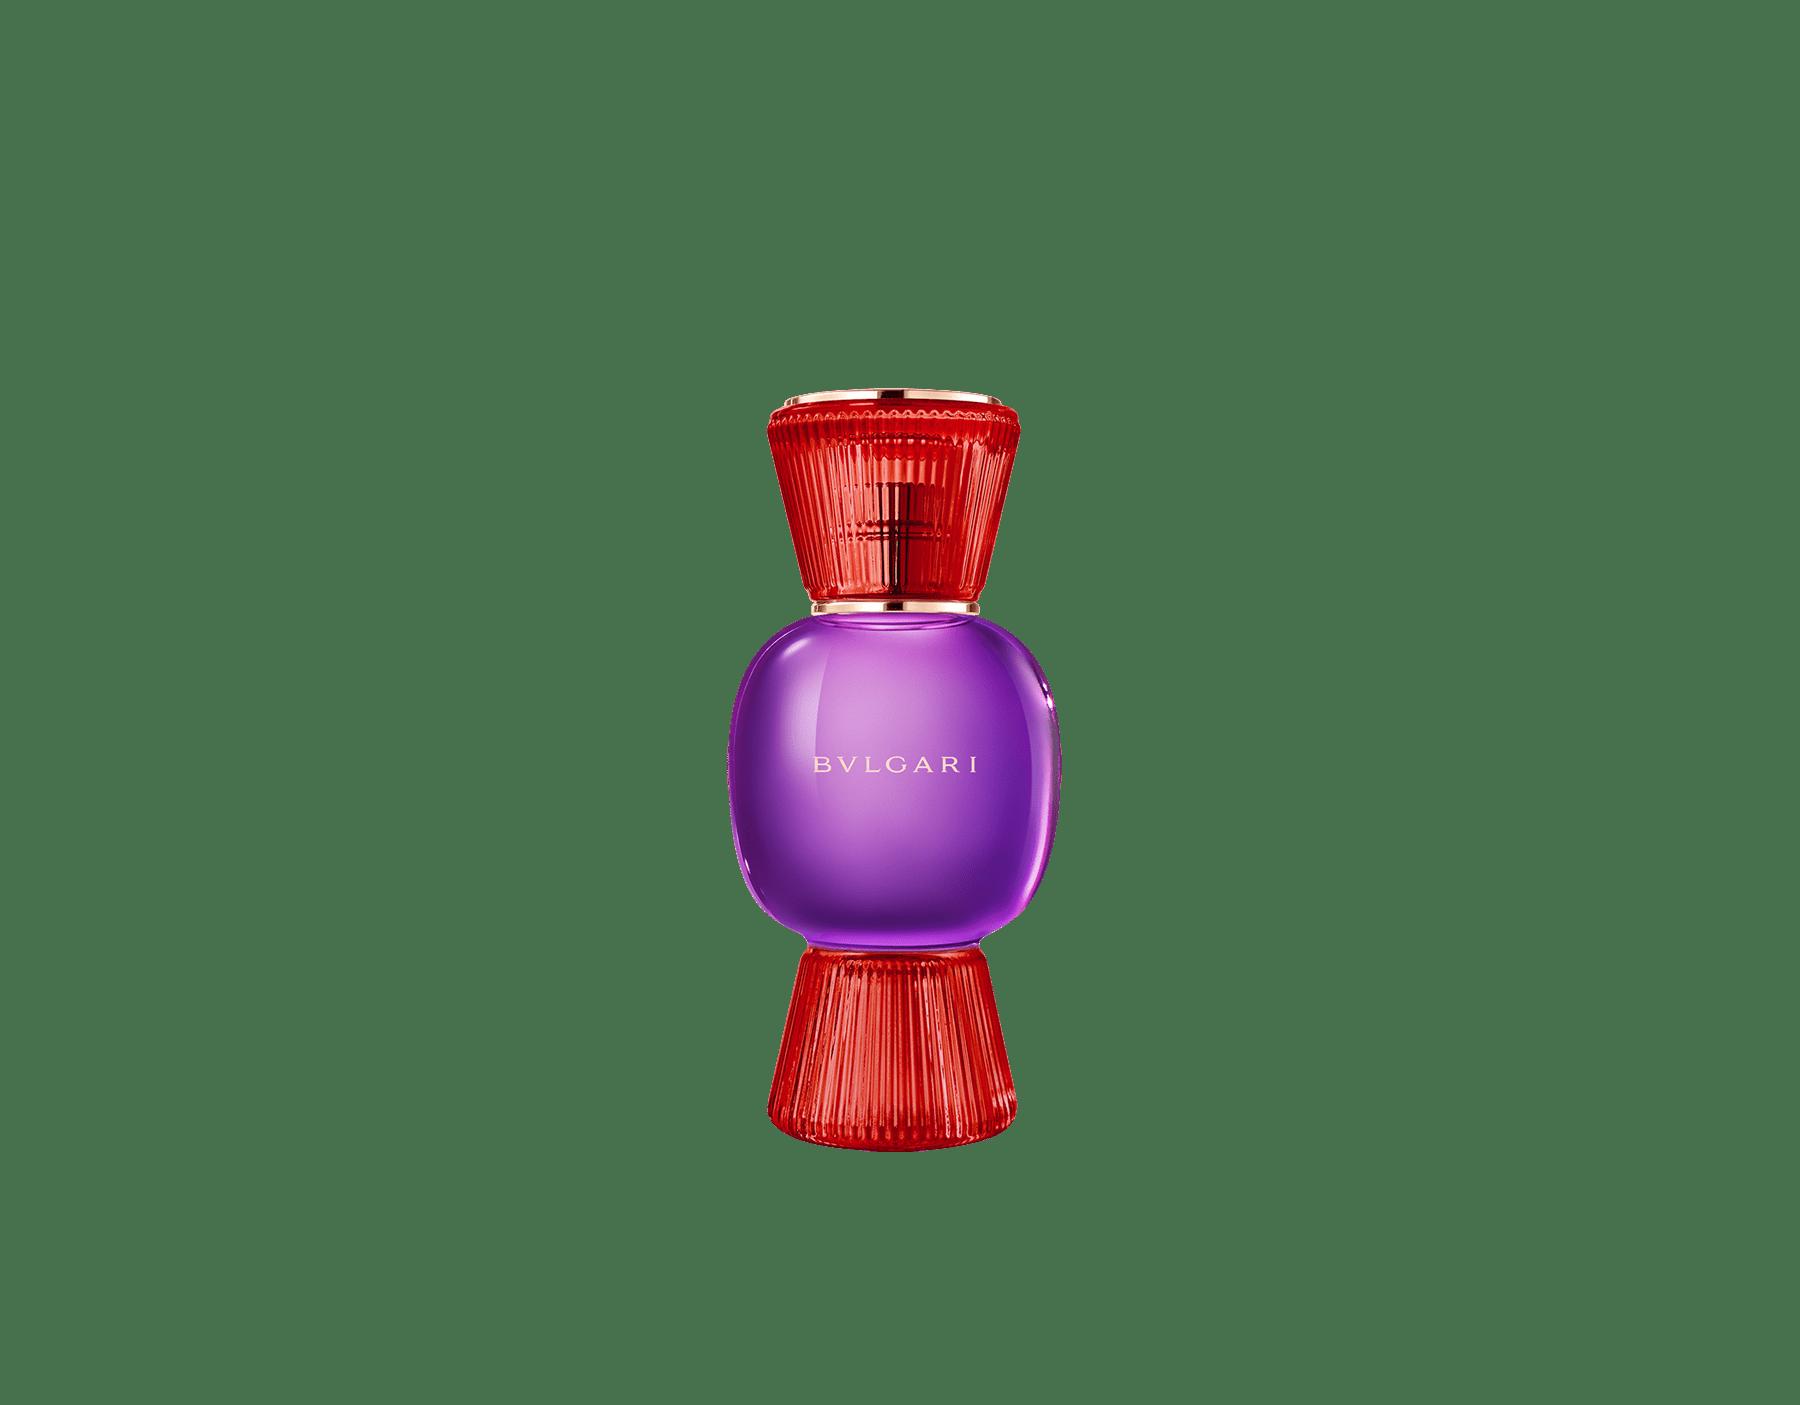 «C'est la quintessence de la sophistication italienne devenue parfum.» Jacques Cavallier Une fragrance chyprée festive pour représenter la ferveur de la plus incroyable Festa italienne 41238 image 4